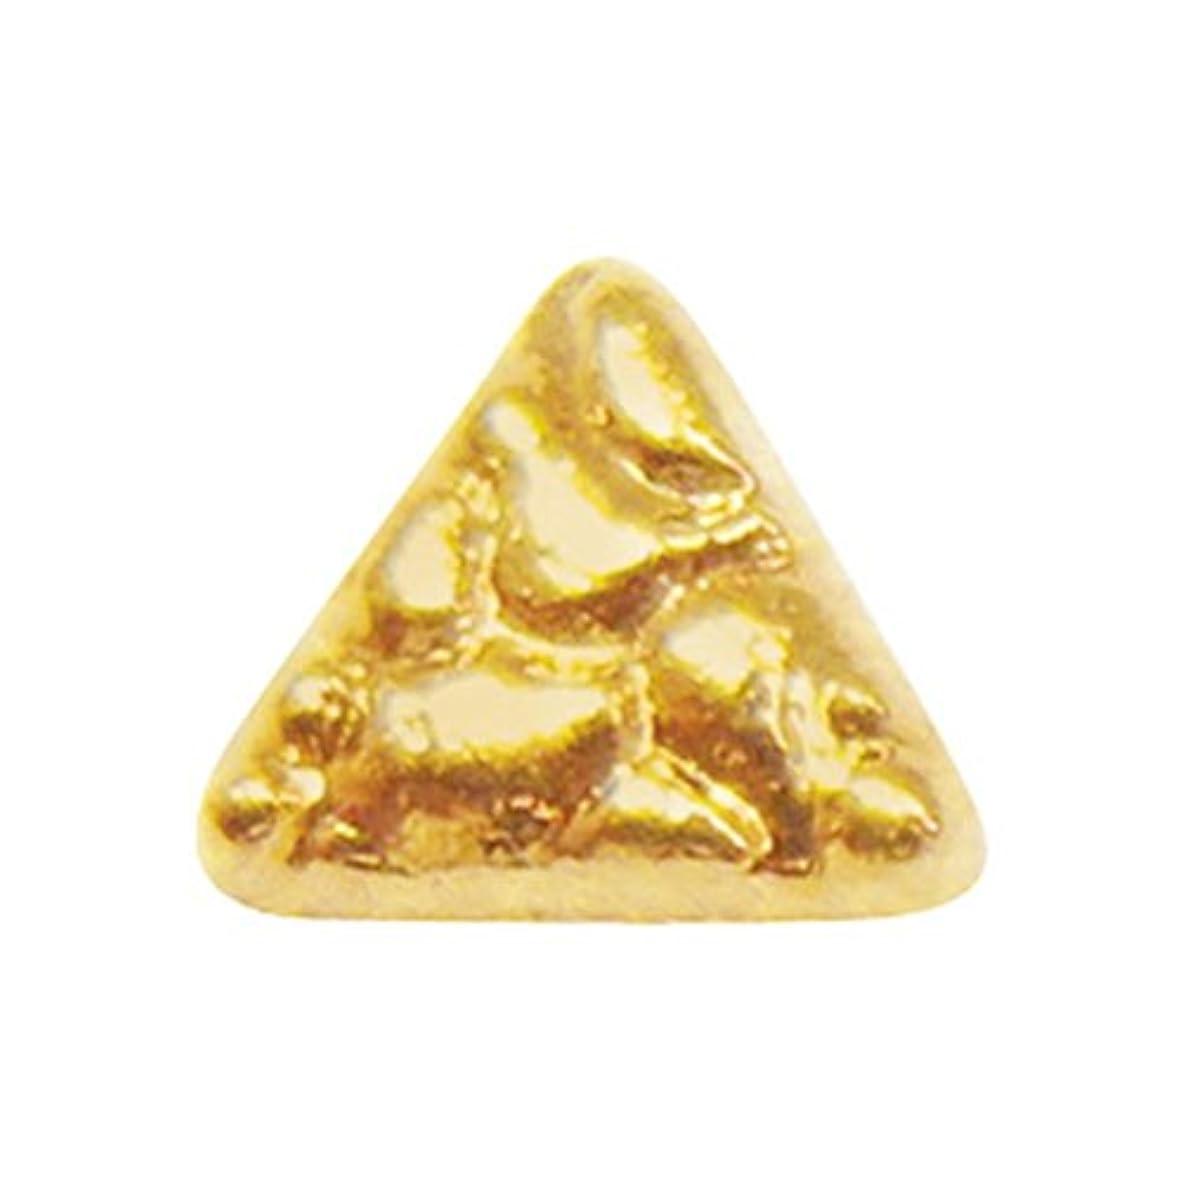 ショップベンチャー繰り返しジェルネイル  サンシャインベビー アンティーク トライアングル(ゴールド) 10P